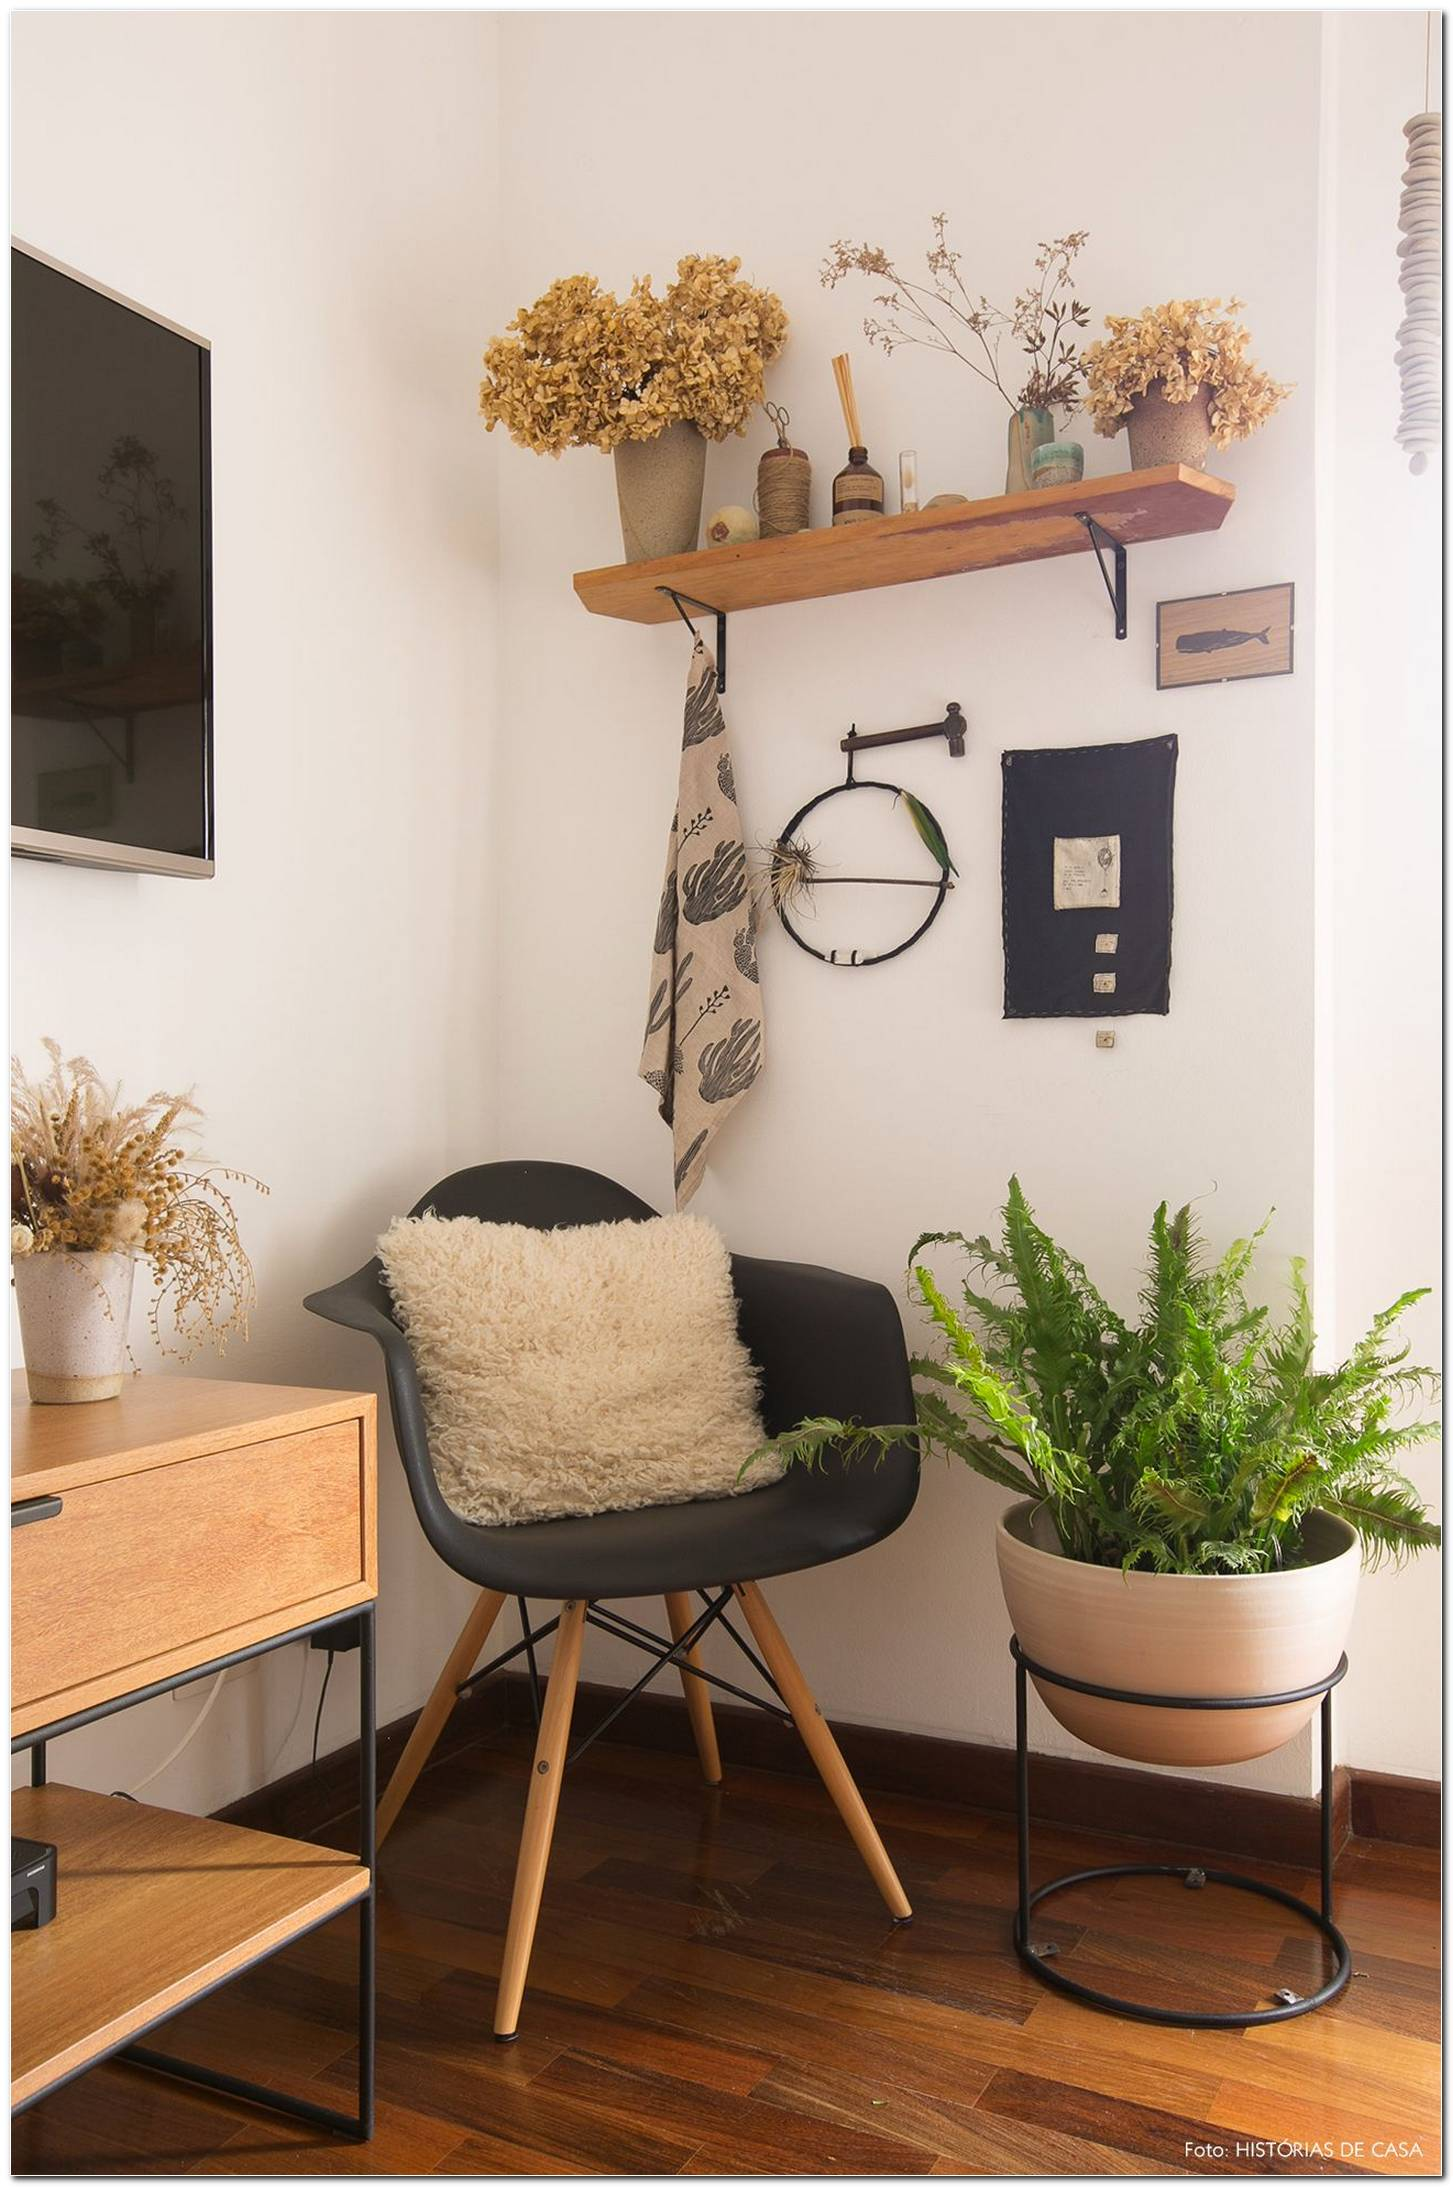 Plantas Para Sala Principais Espécies E Dicas De Decoração Com Fotos